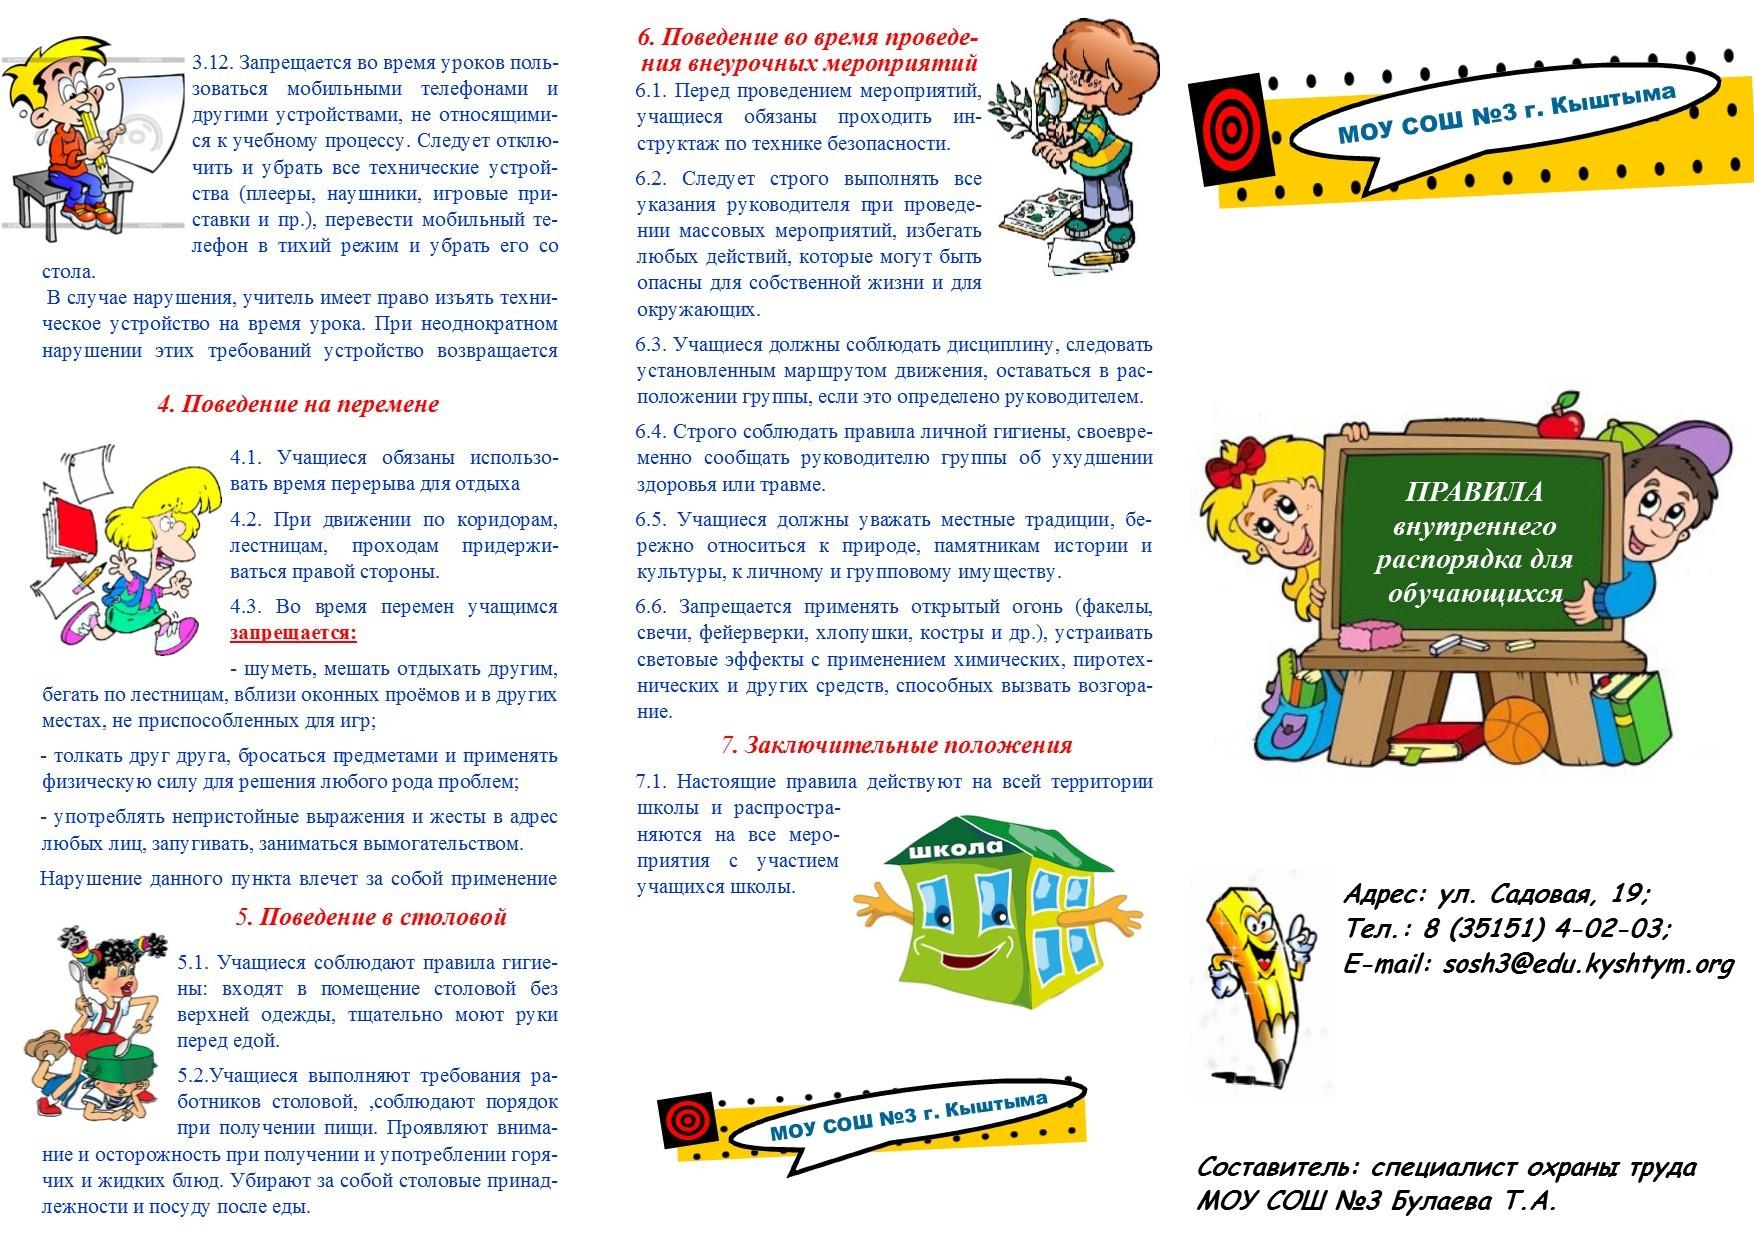 брошюры(1)